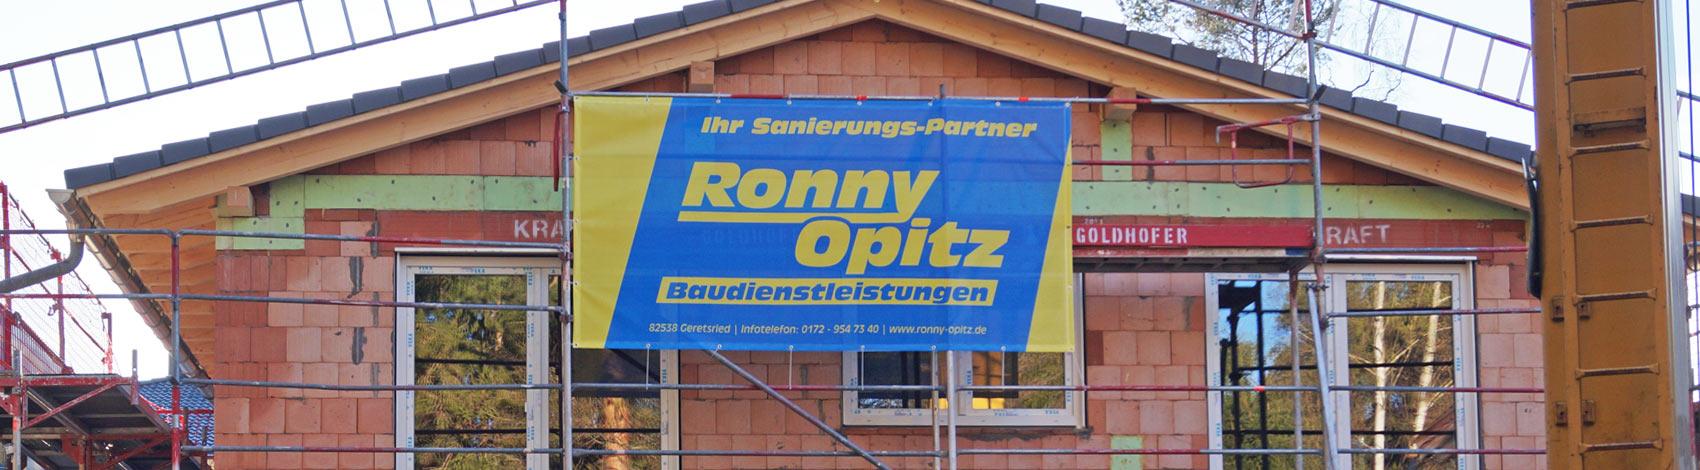 Ronny Opitz Baudienstleistungen